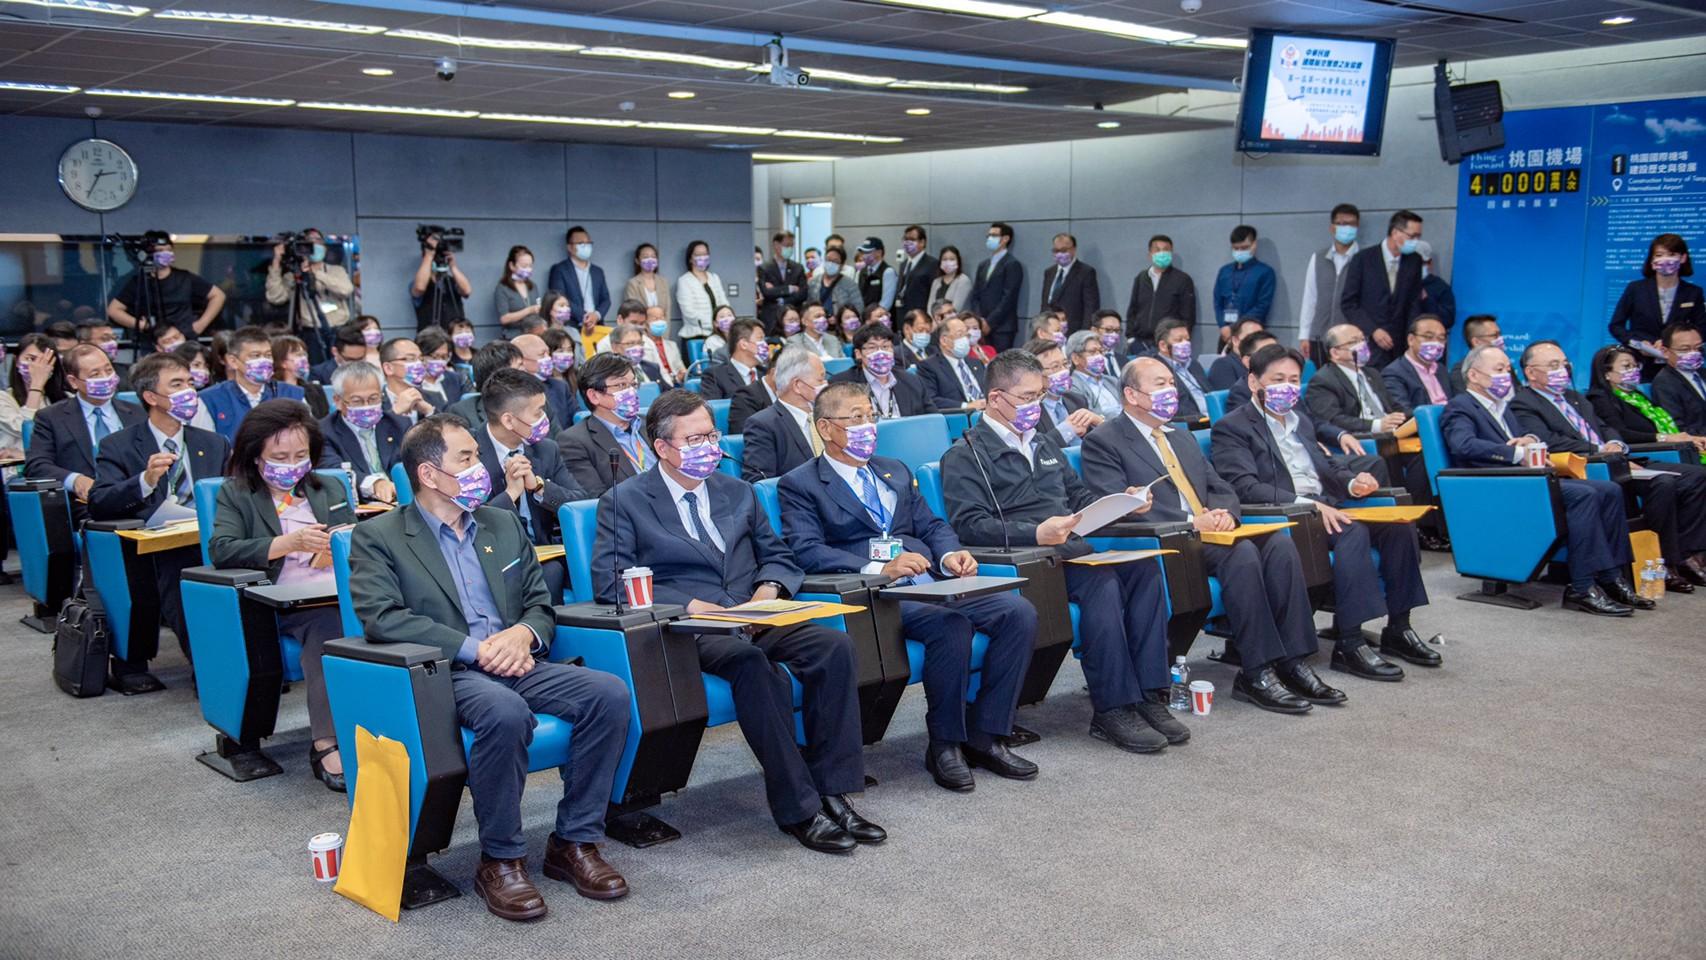 國際航空警察之友協會成立,接軌國際提升機場安全及